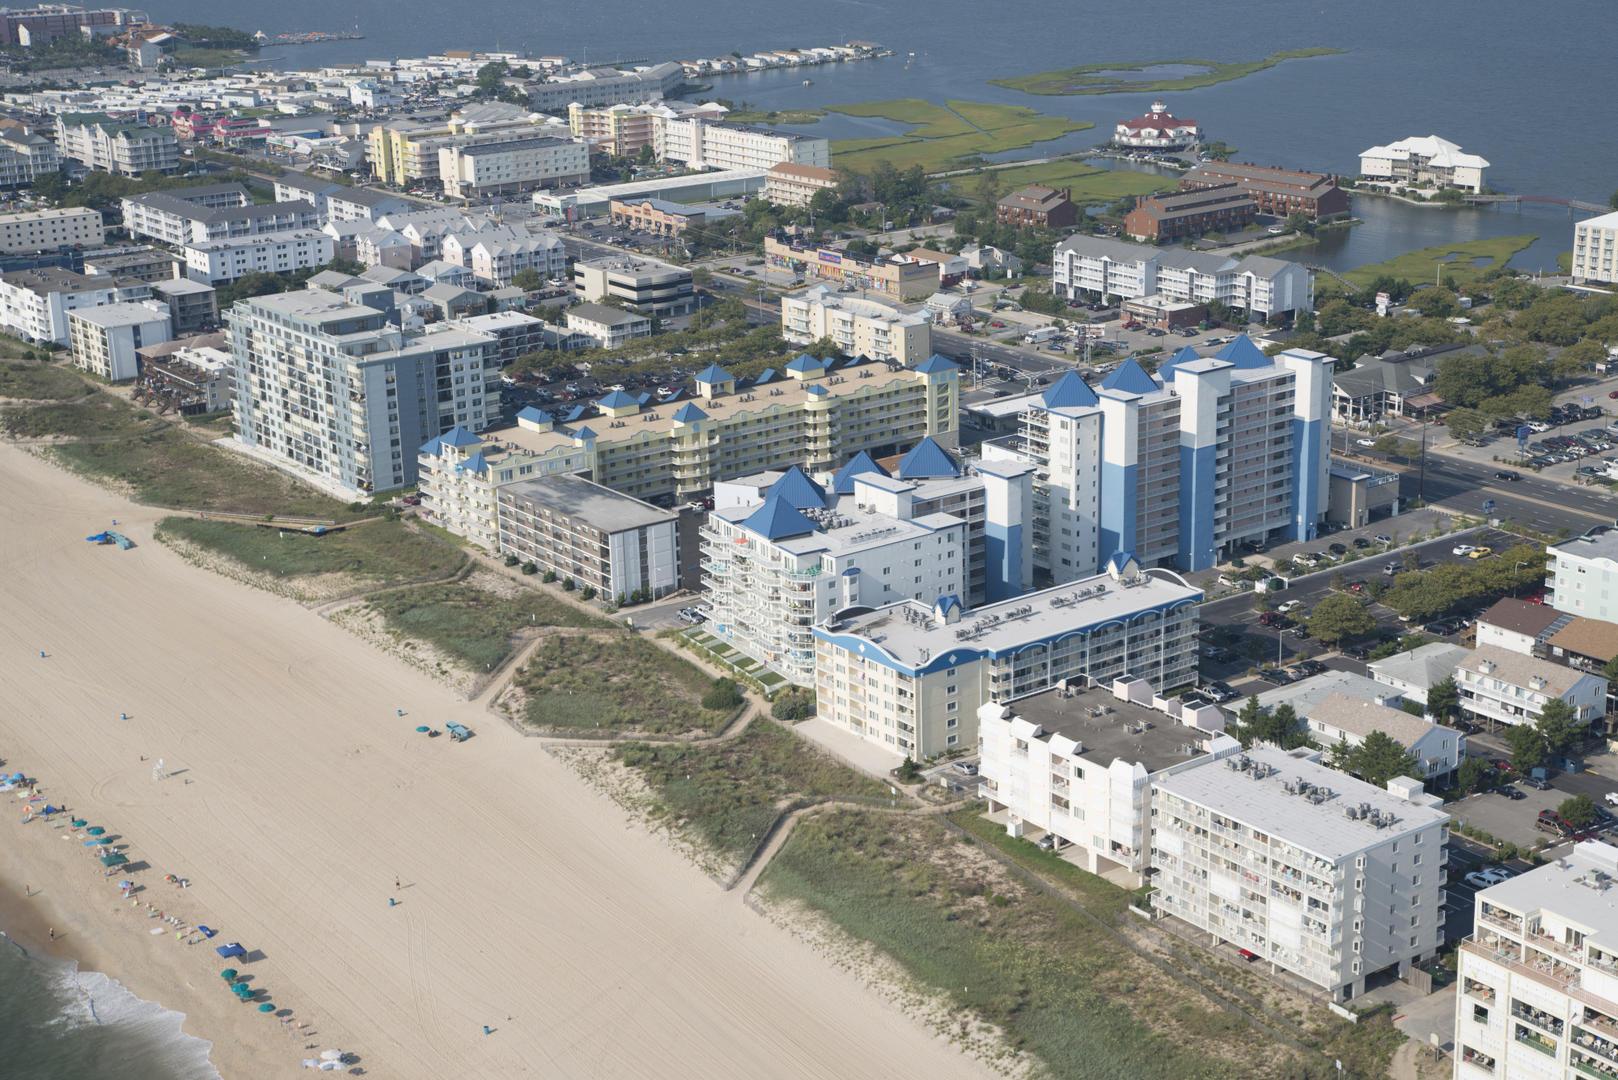 Aerial View of Meridian